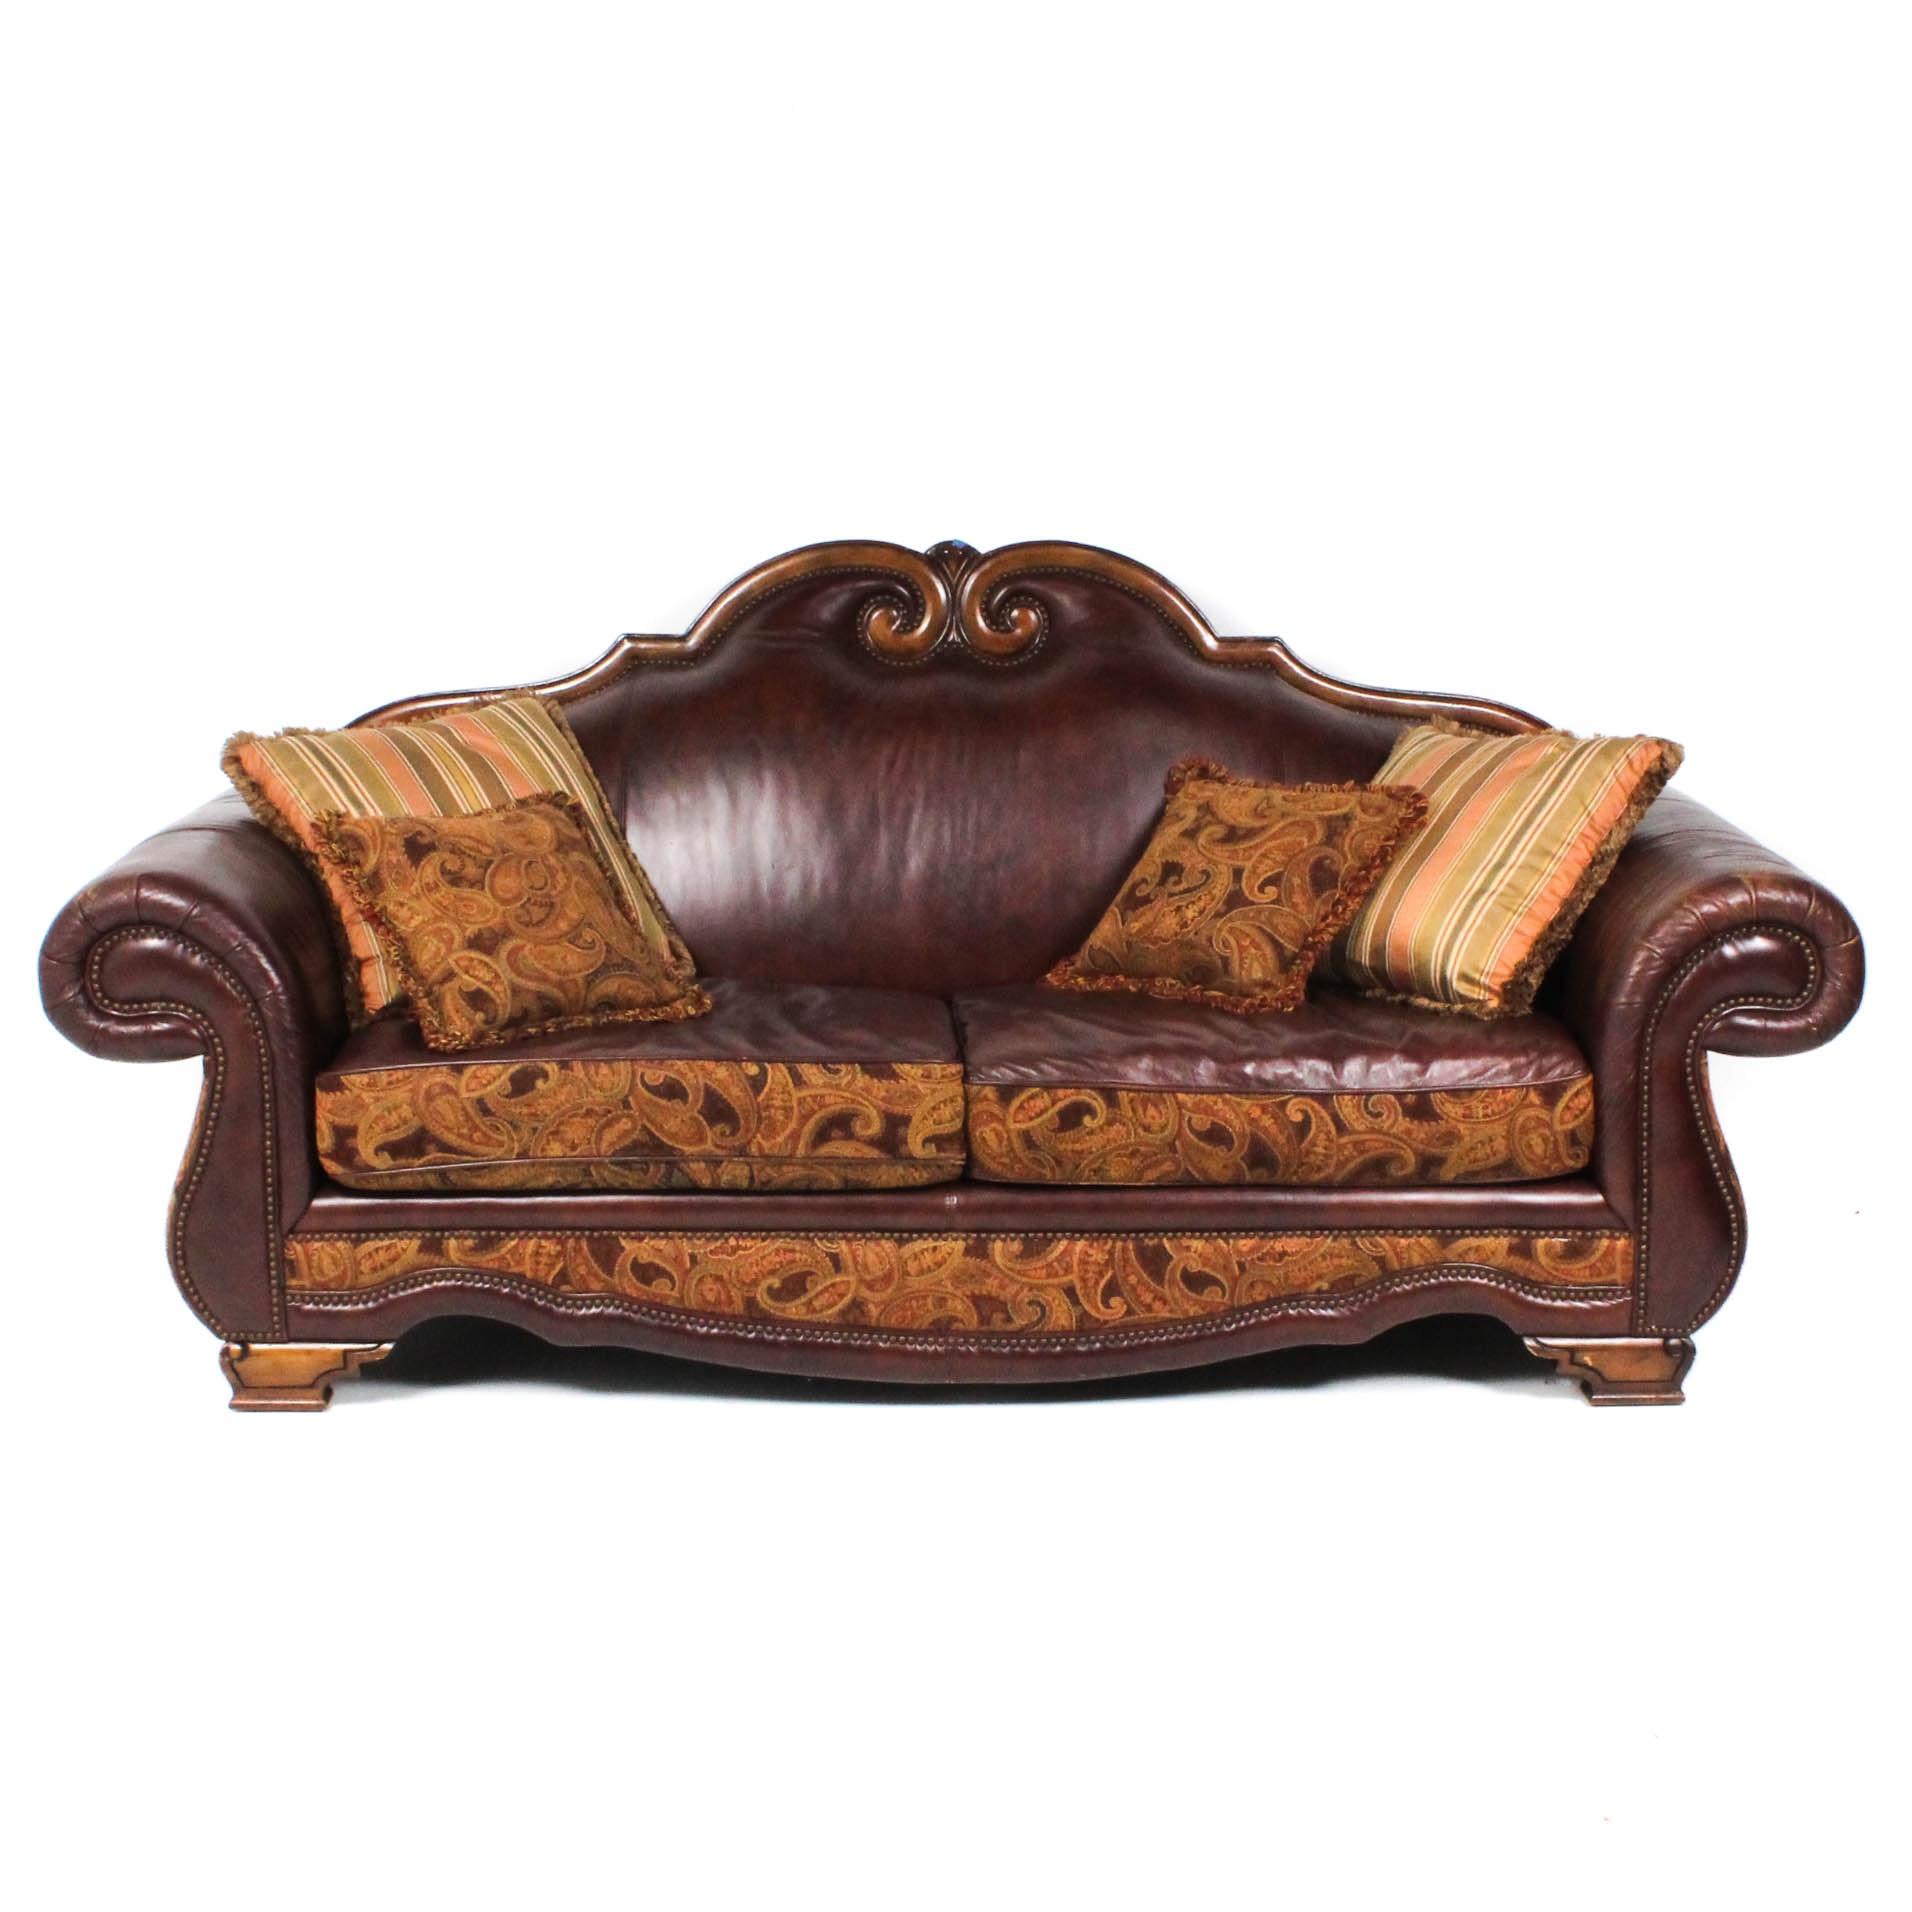 Michael Amini Leather and Paisley Sofa